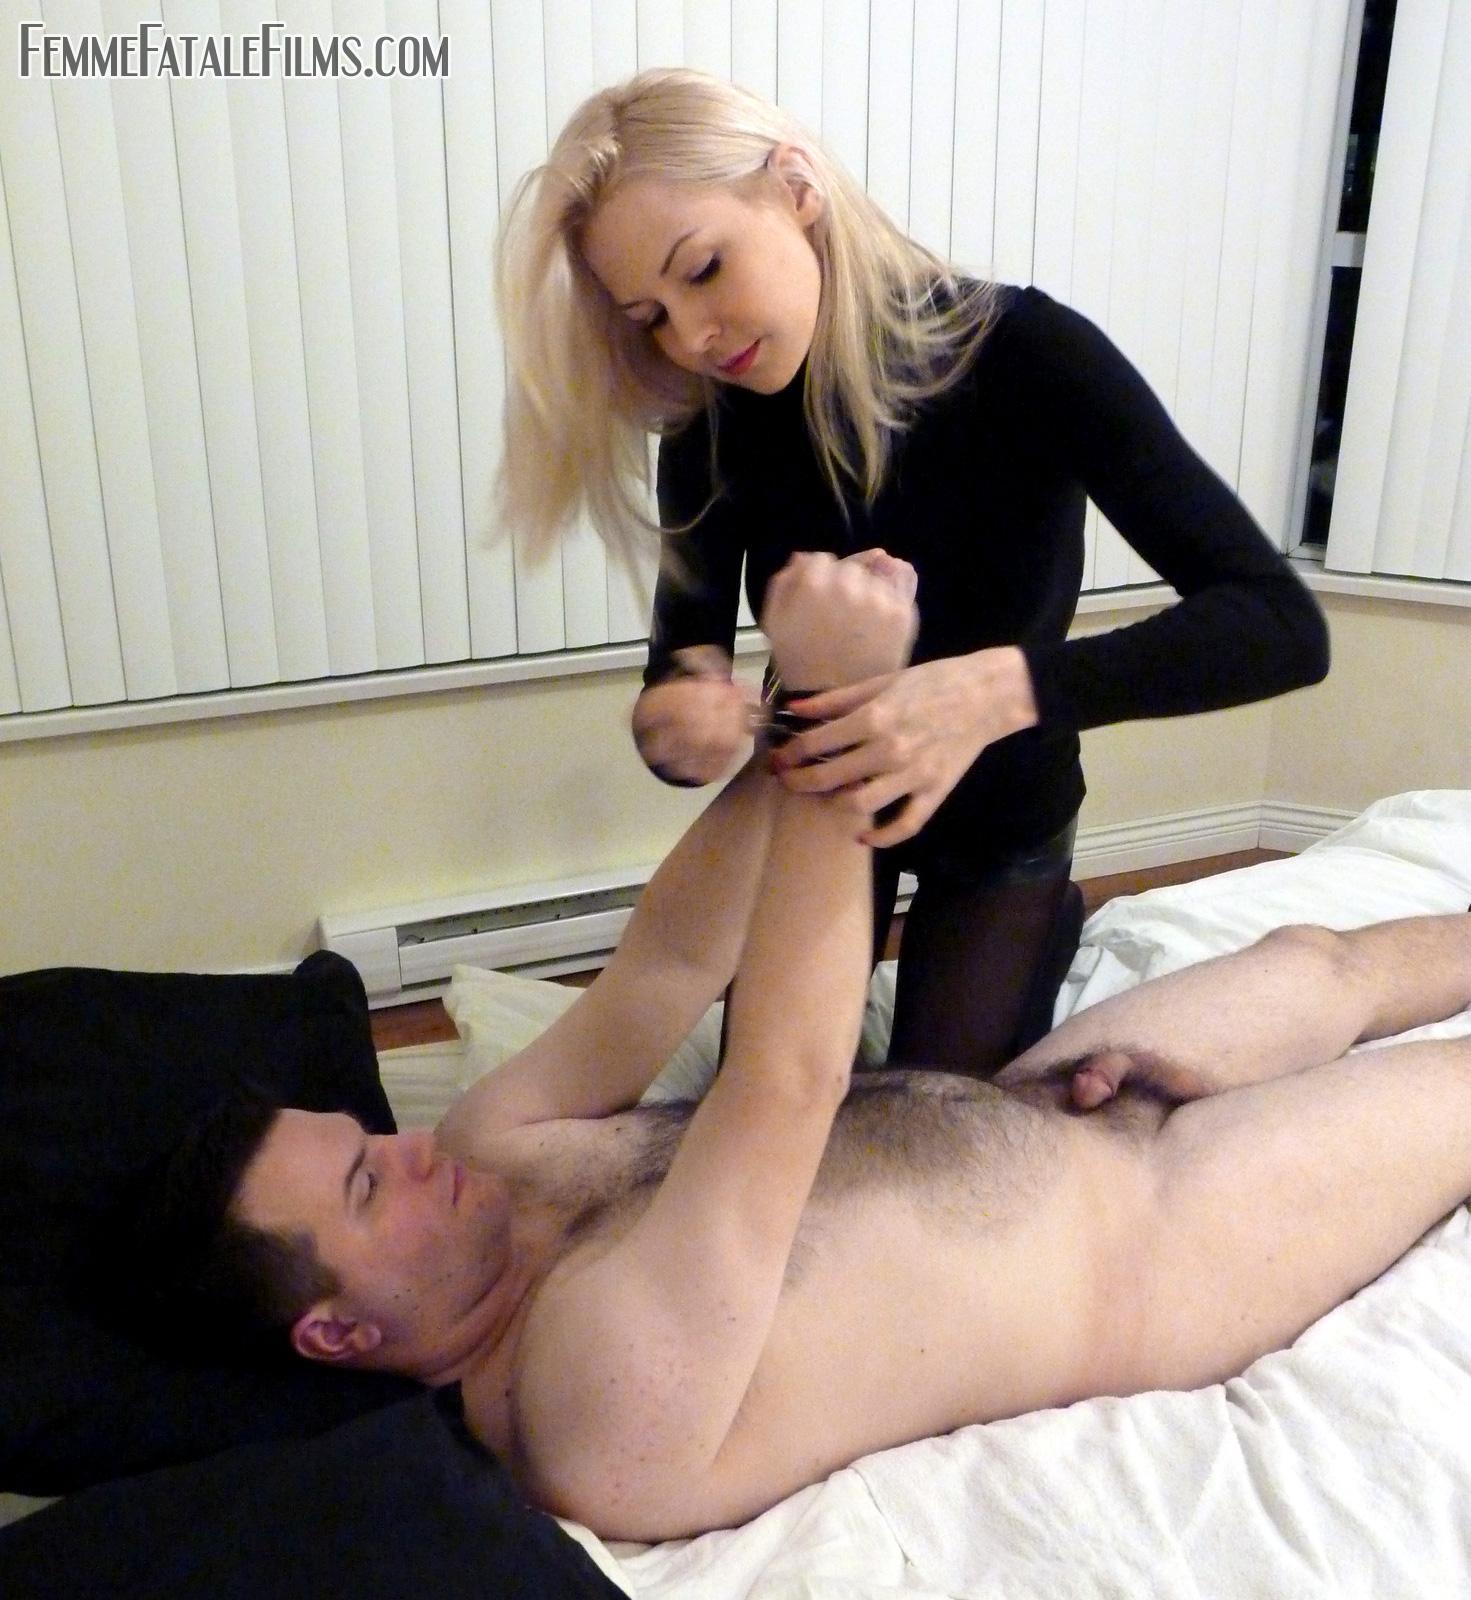 Xxx handcuffed pics, free handcuff porn galery, sexy hand cuff clips